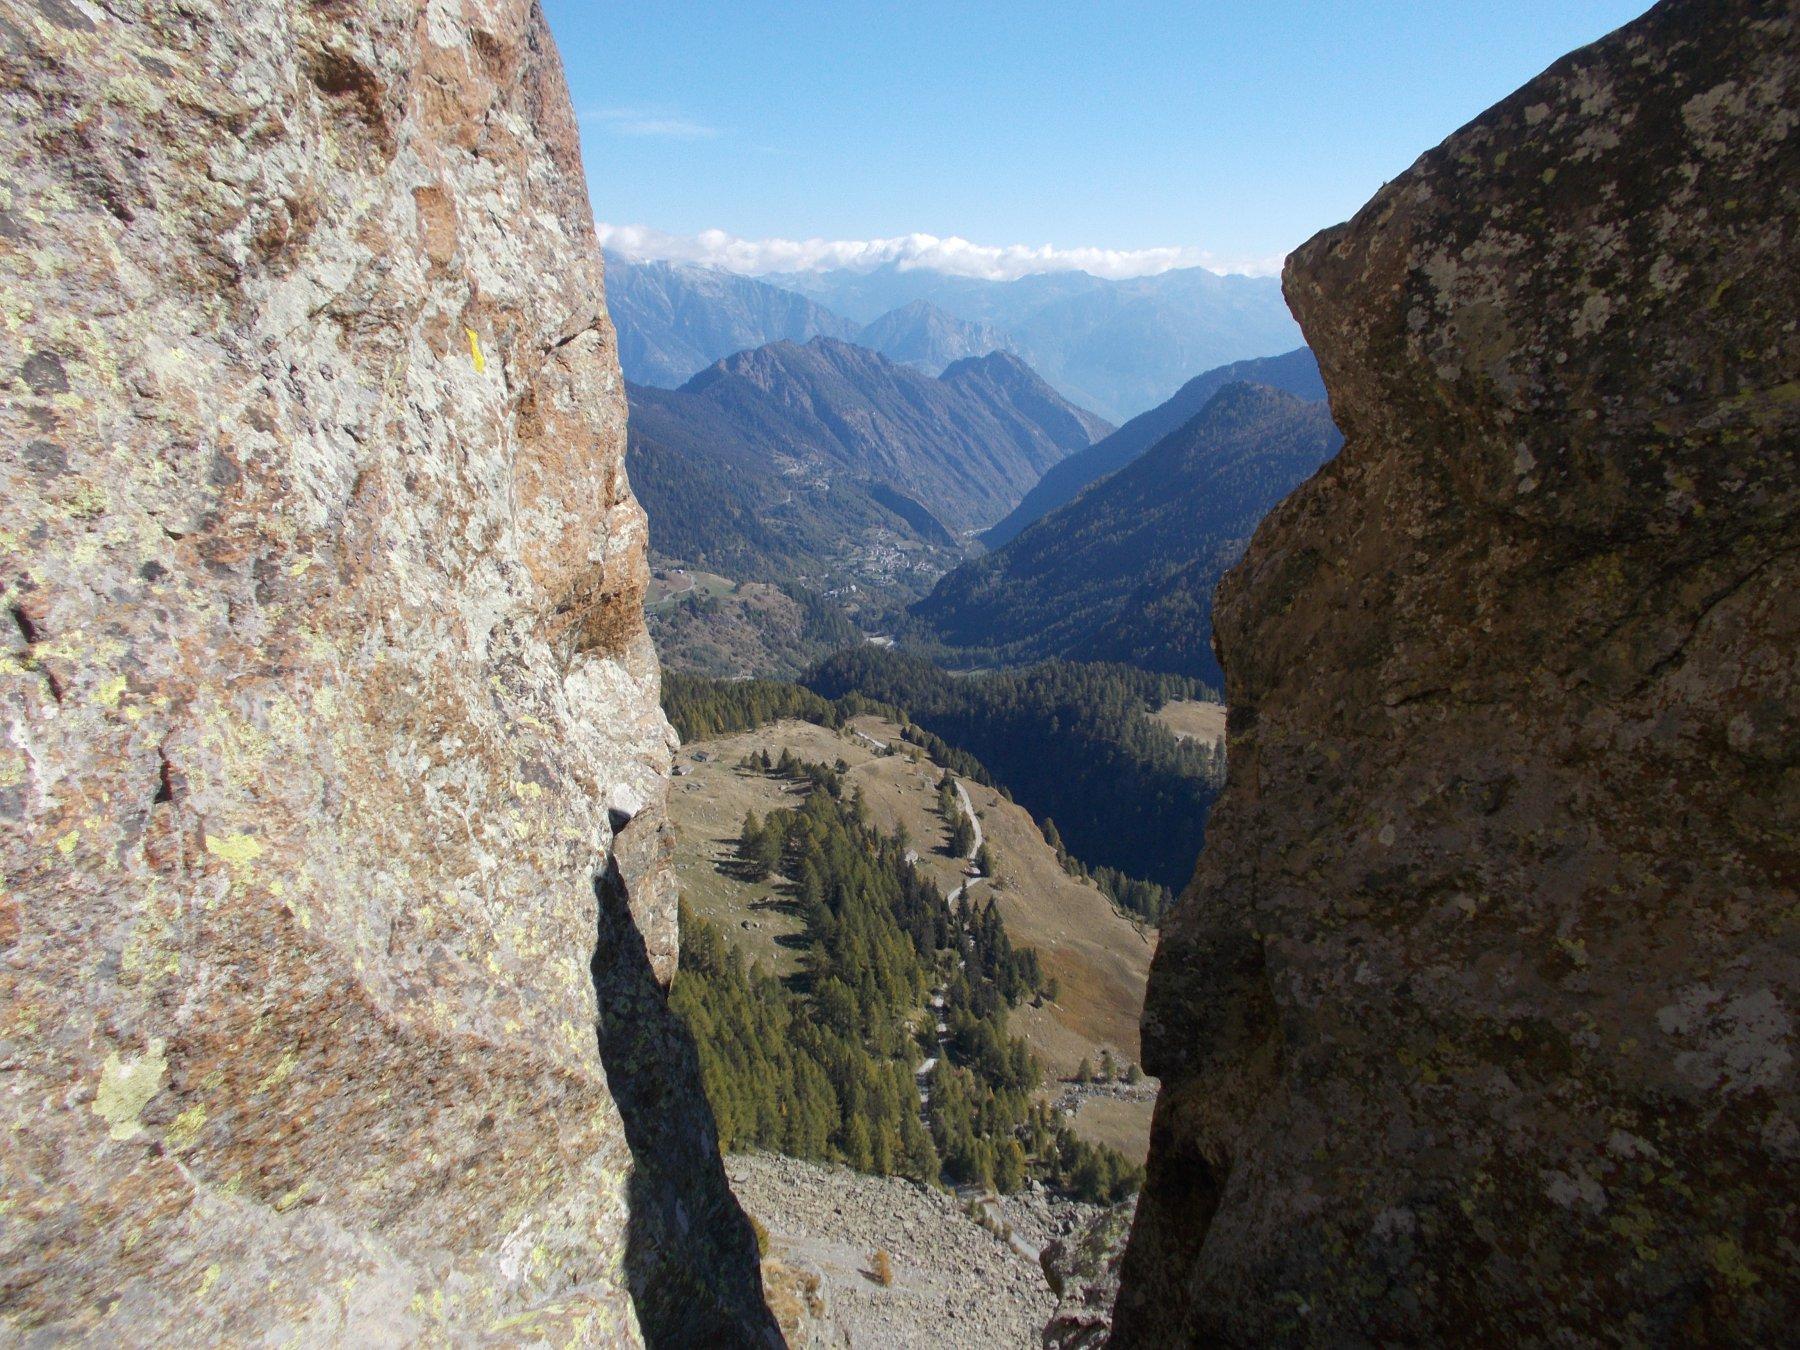 uno sguardo a valle..aiuta ad allentare la tensione..